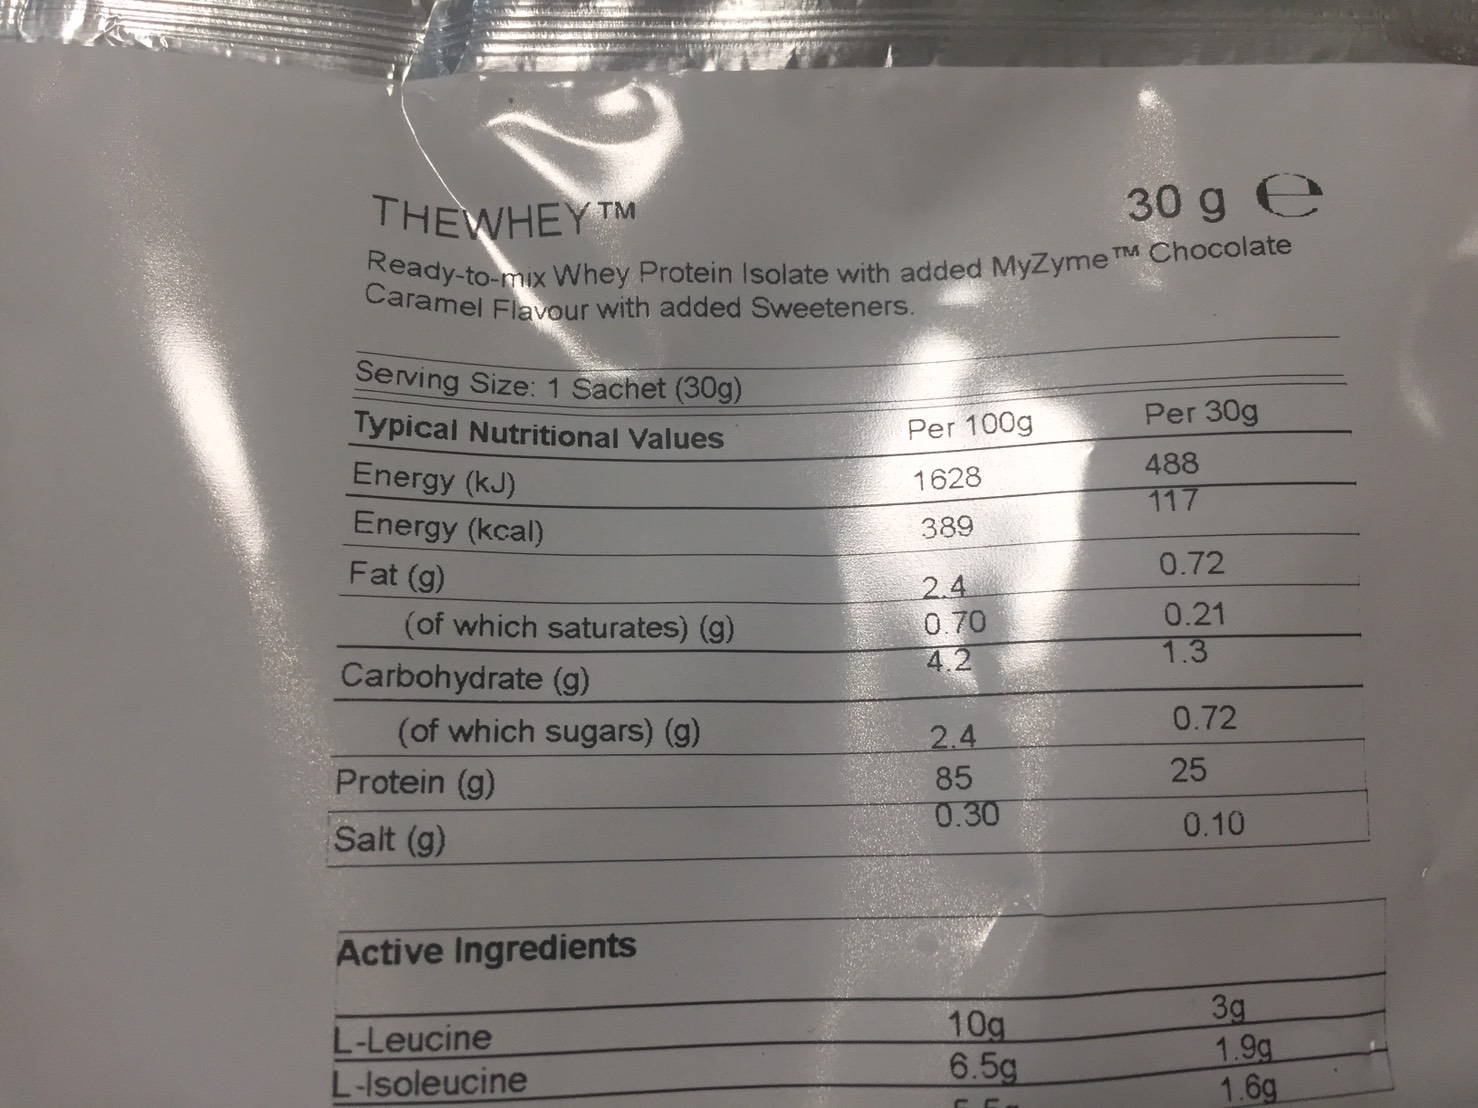 マイプロテイン「THEWHEY」チョコレートキャラメル味の成分表